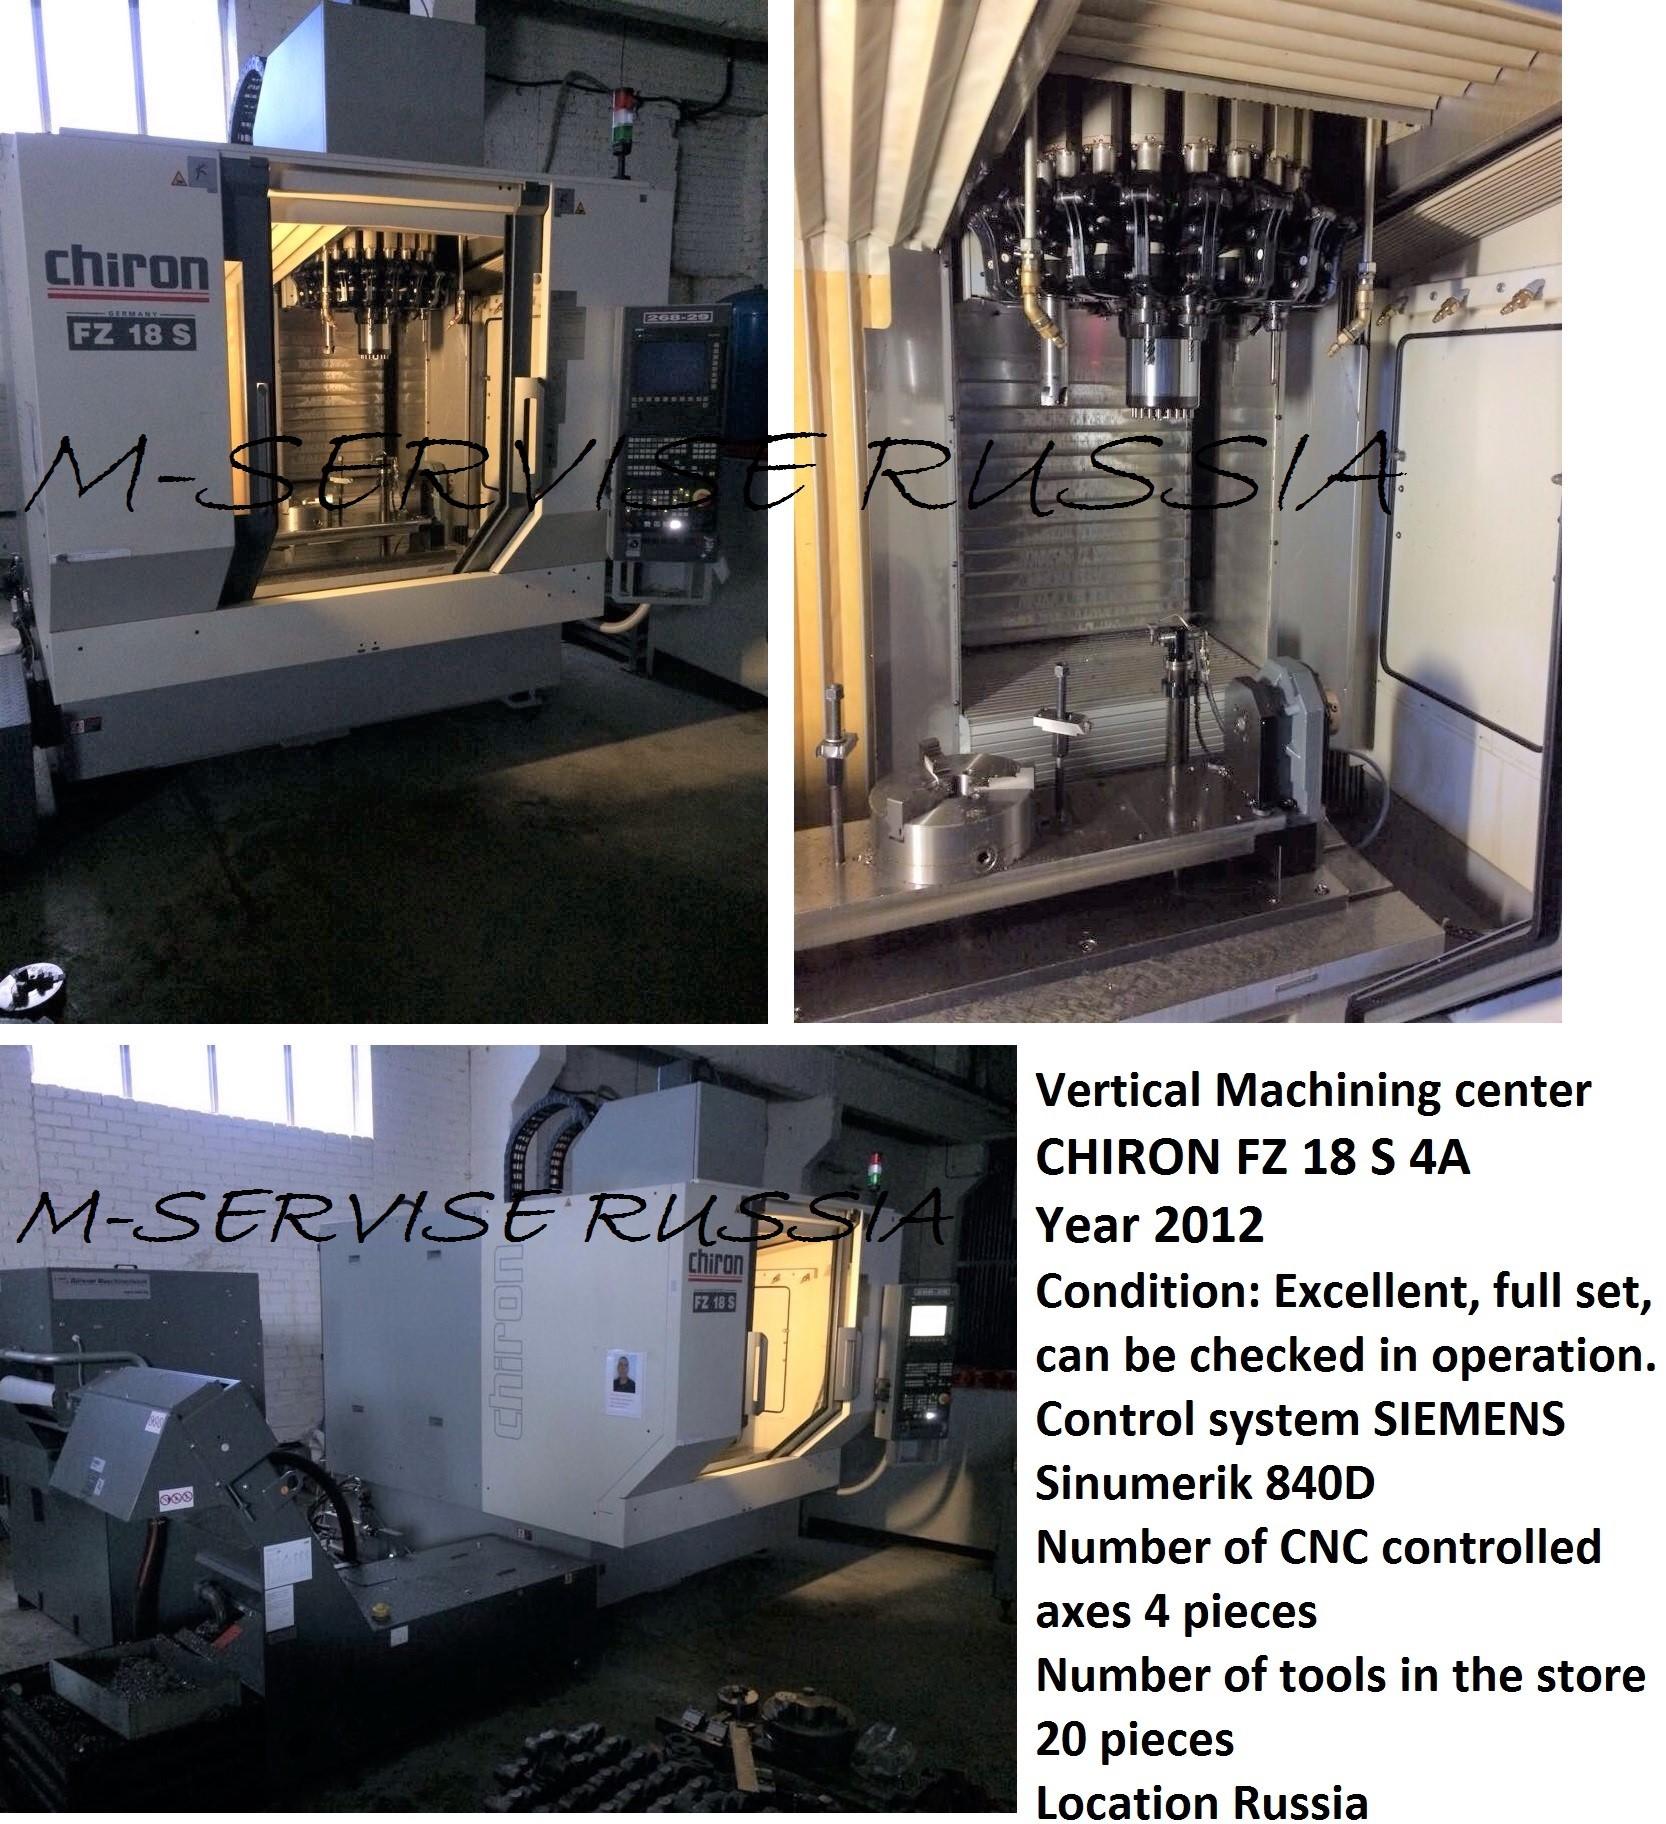 Vertical Machining center CHIRON FZ 18 S 4A